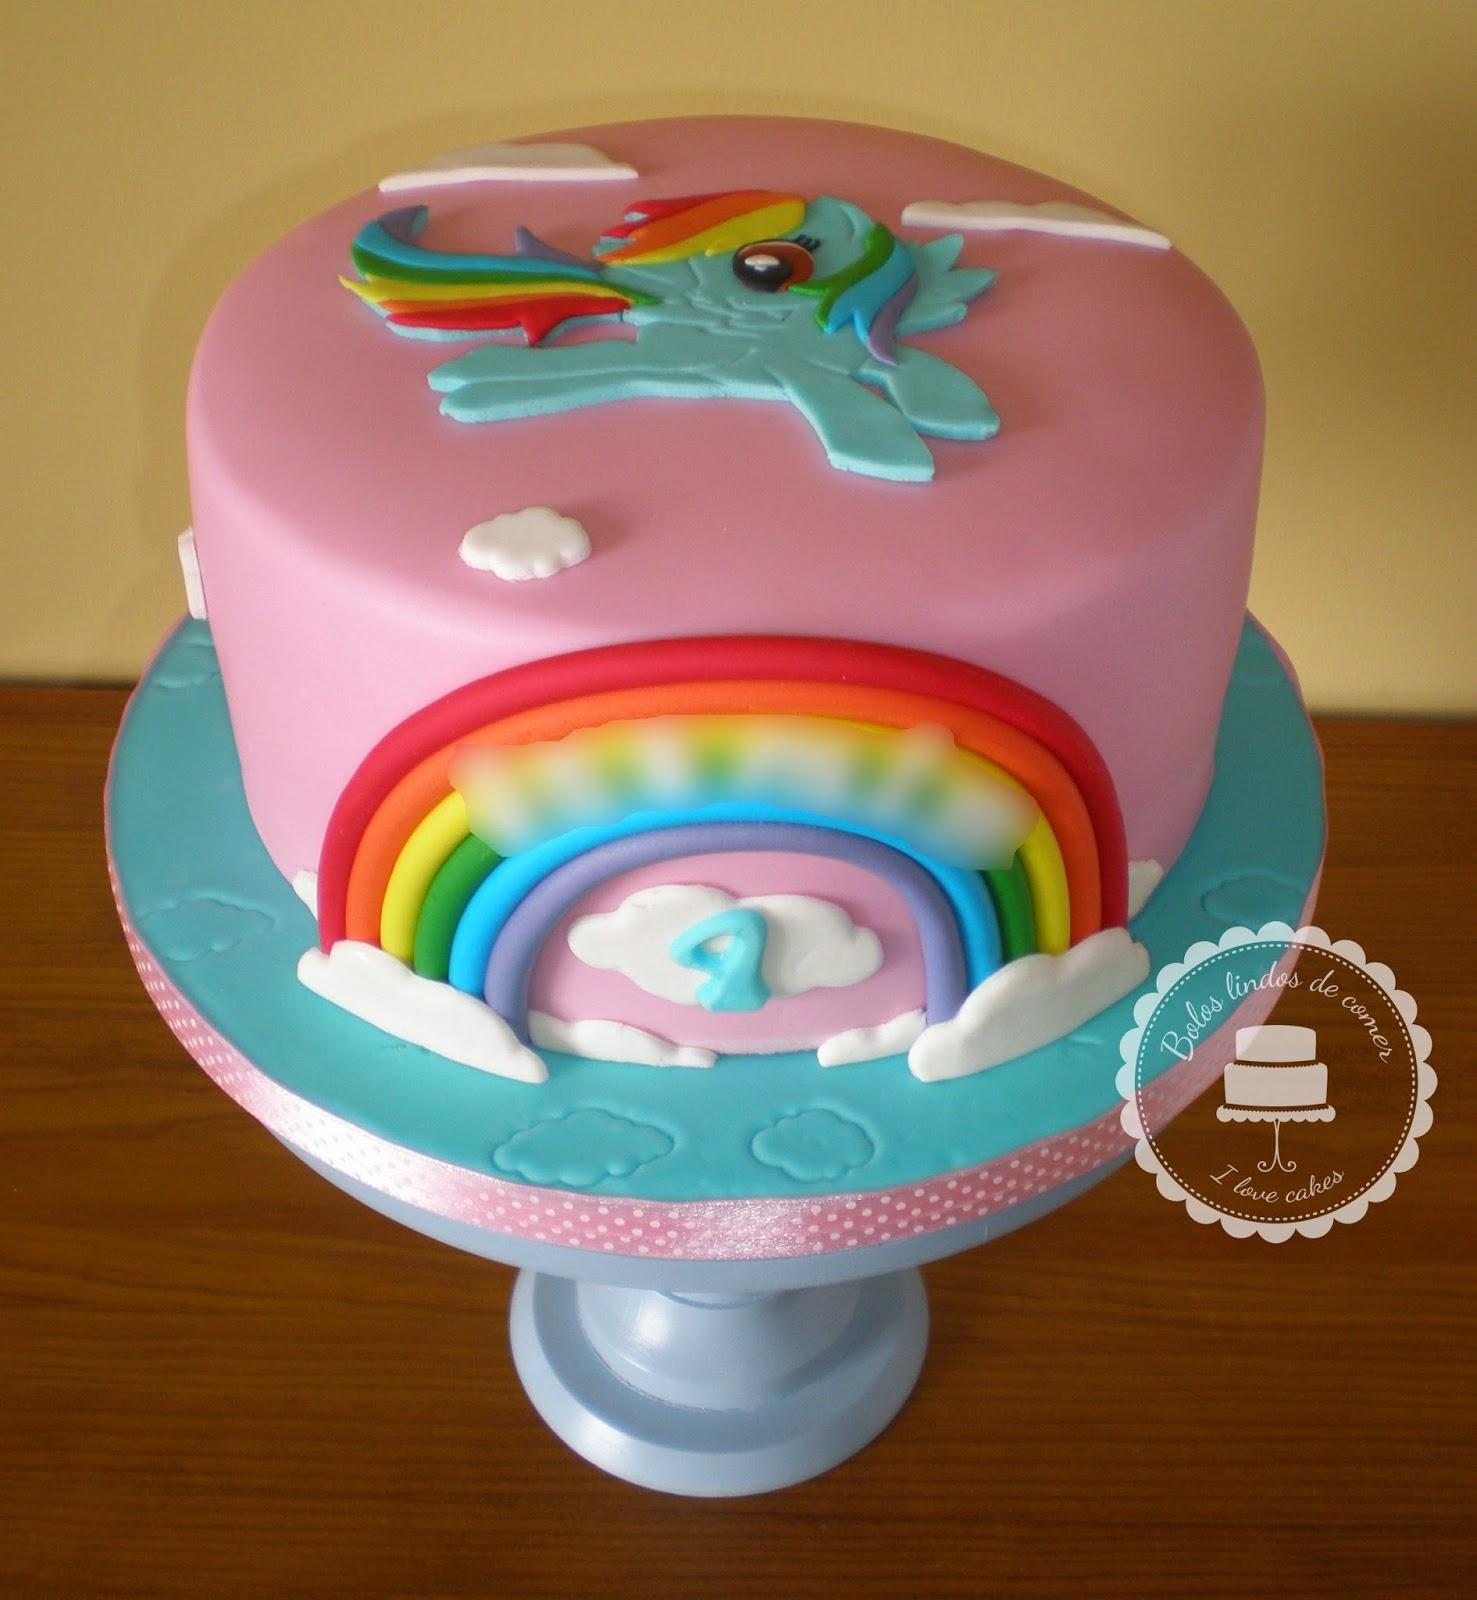 rainbow dash cake template - bolos lindos de comer bolo rainbow dash rainbow dash cake